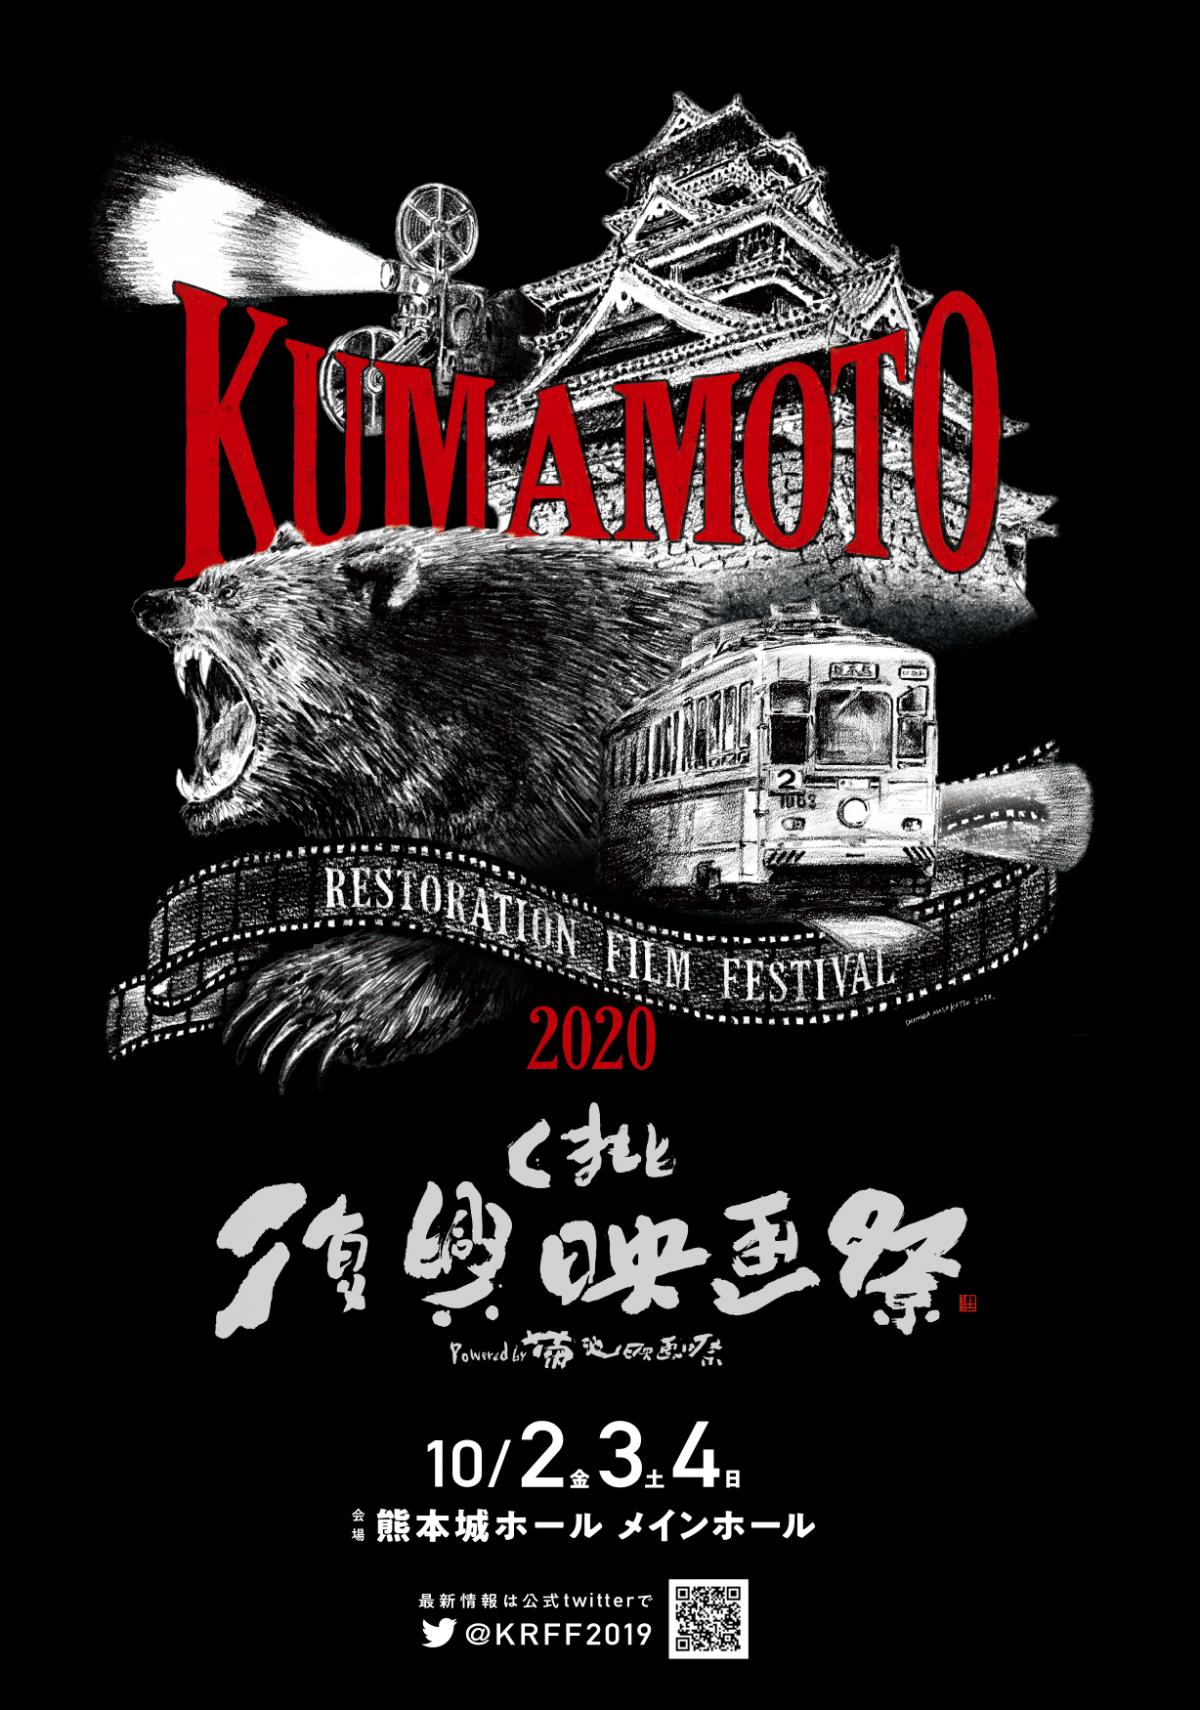 くまもと復興映画祭2020